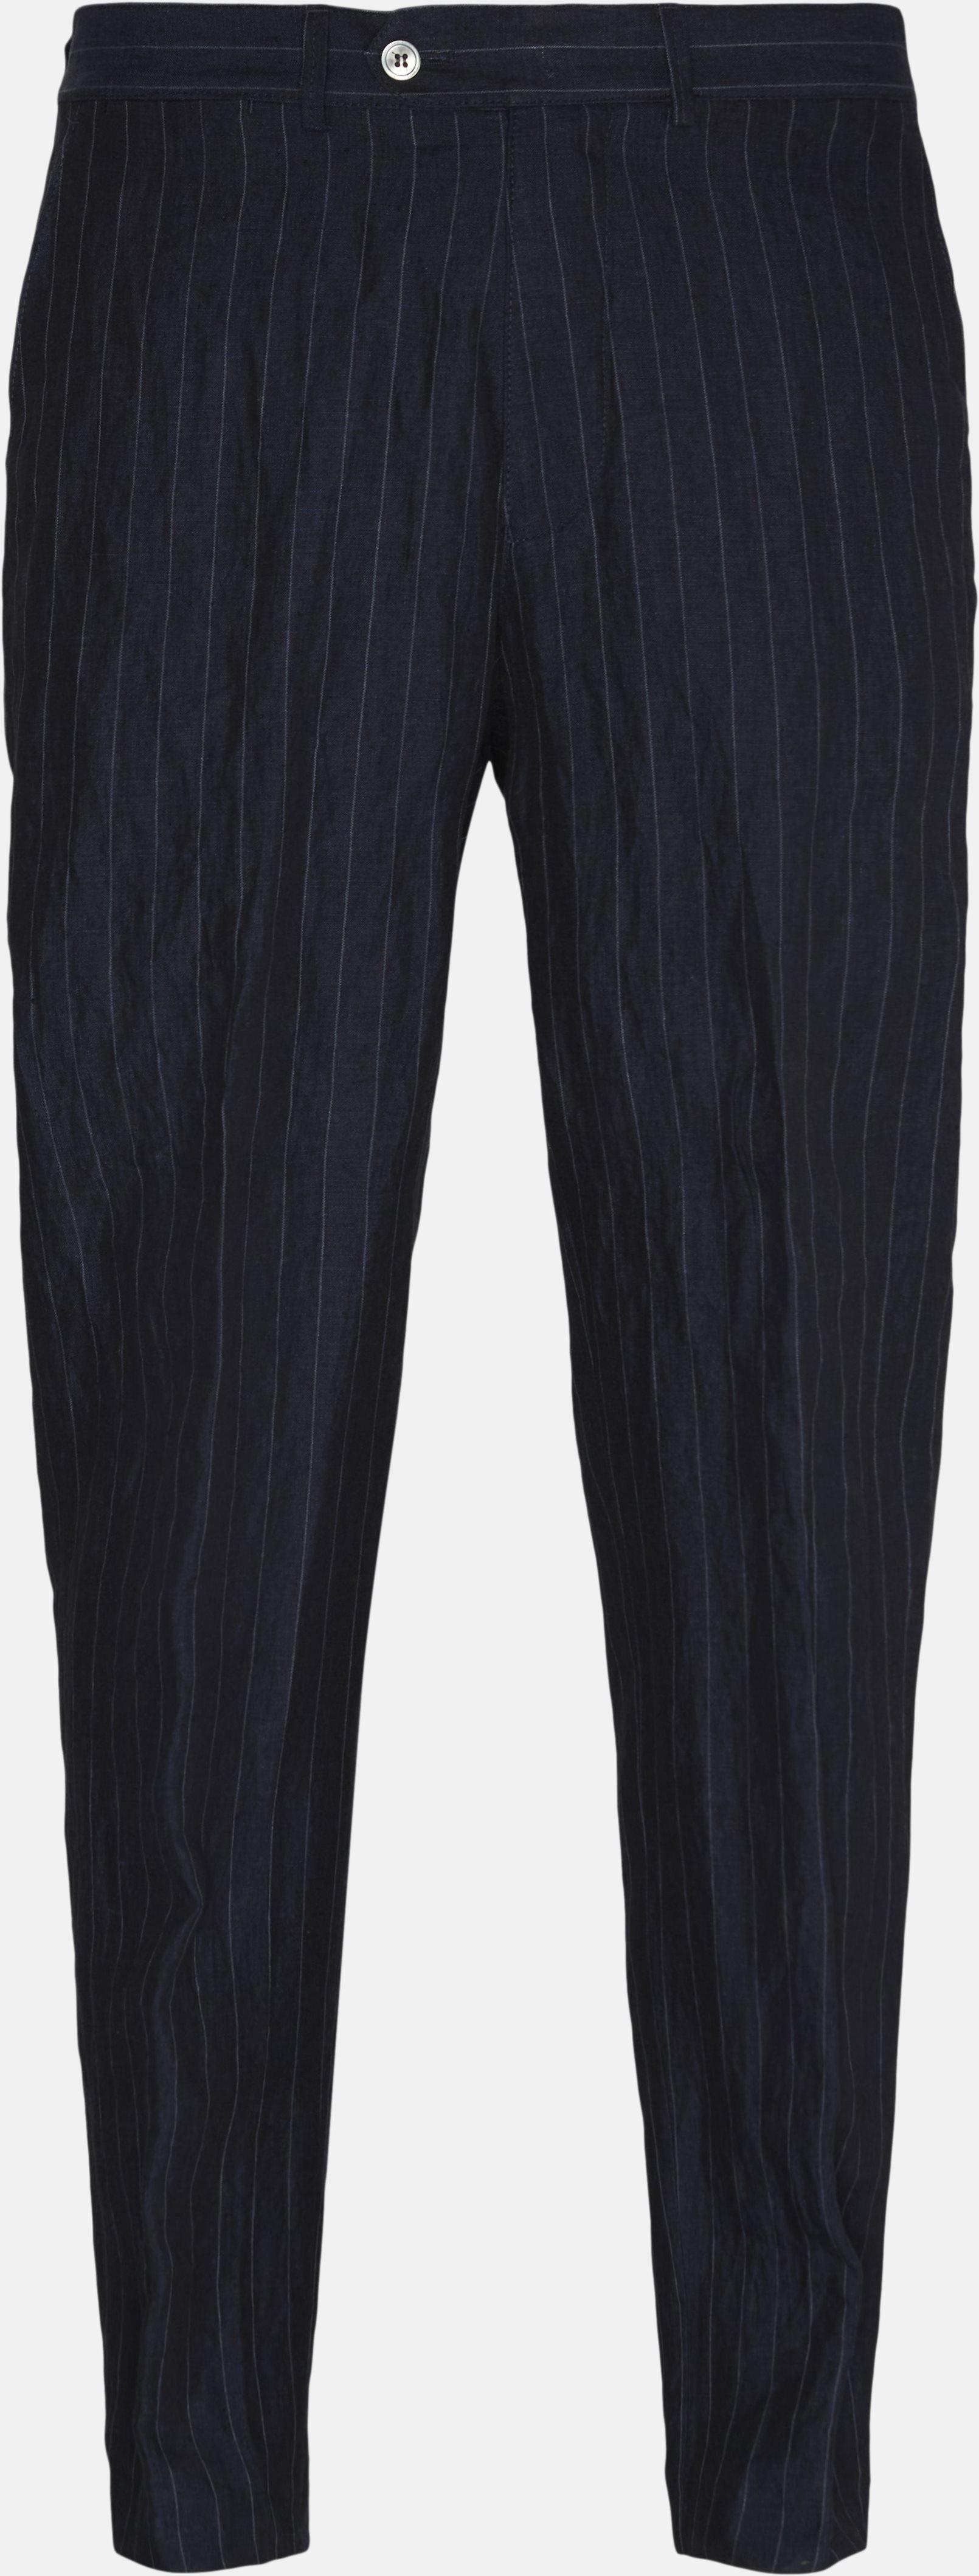 Hør bukser - Bukser - Loose - Blå